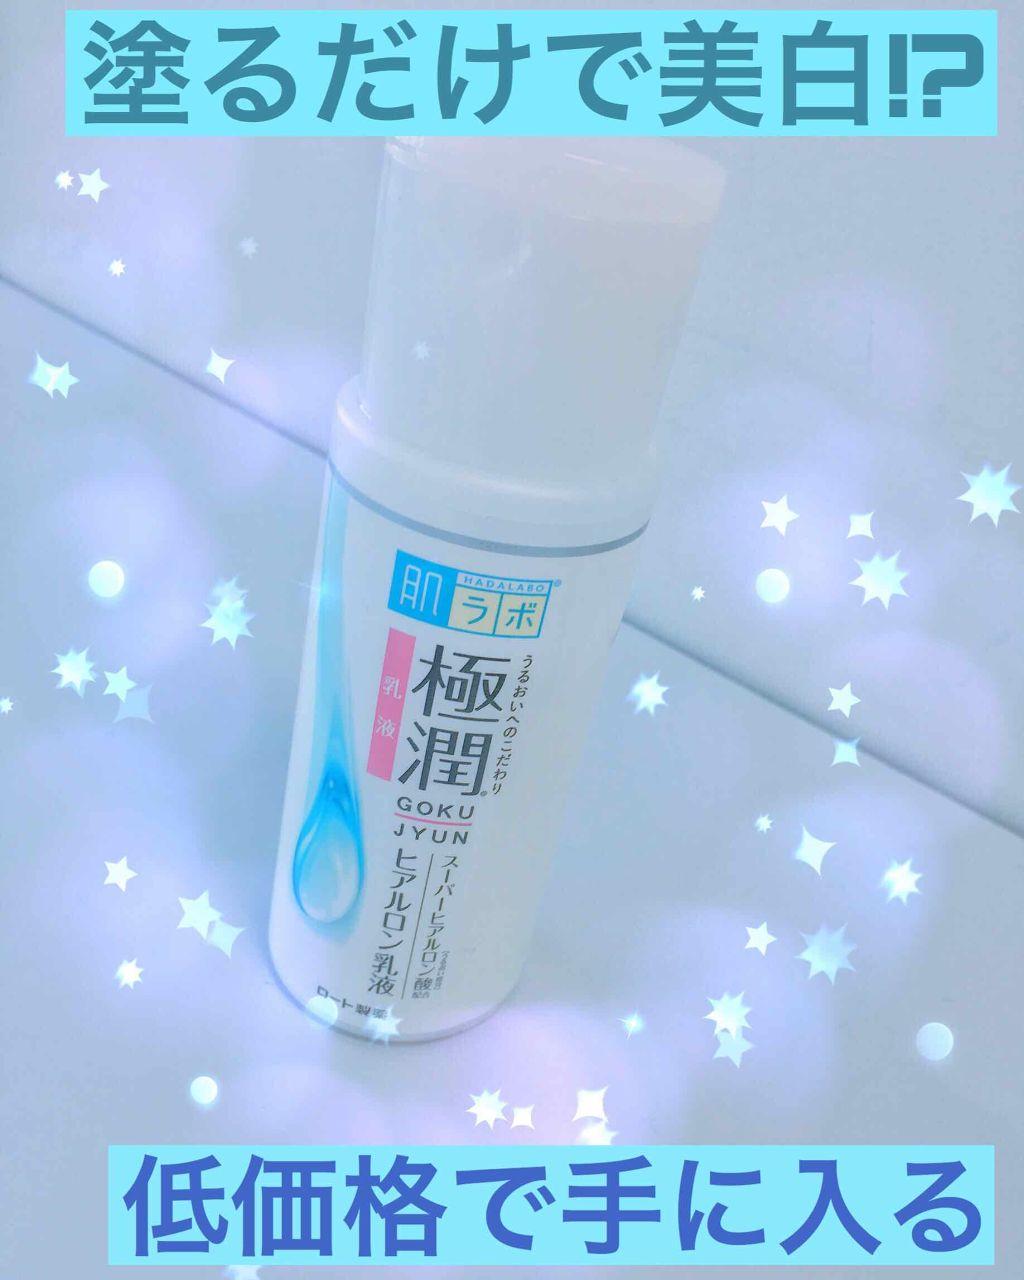 極潤 ヒアルロン乳液|肌ラボの口コミ「乾燥肌におすすめの ...